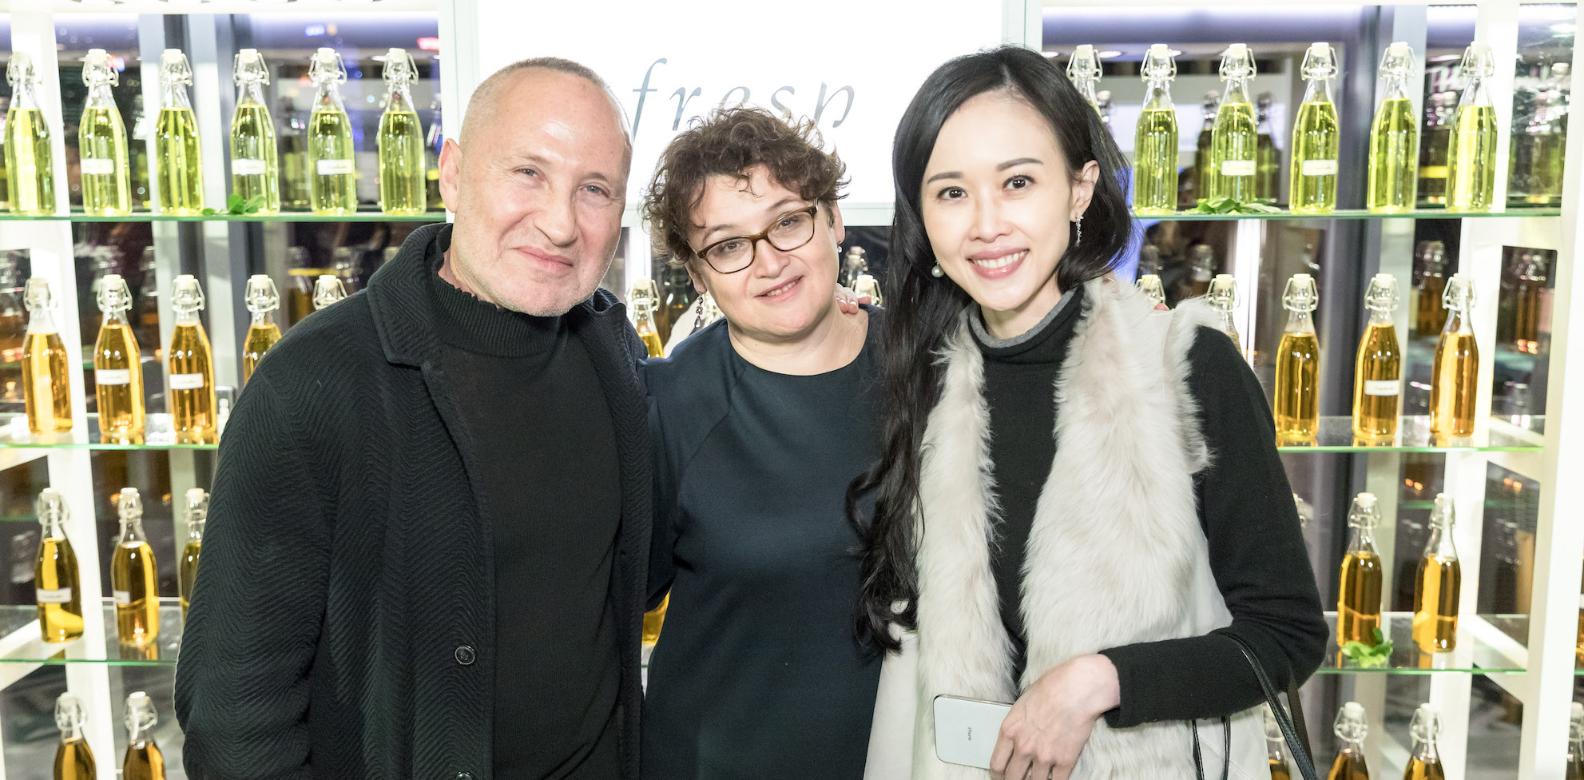 Lev Glazman, Alina Roytberg, Jacqueline Chow